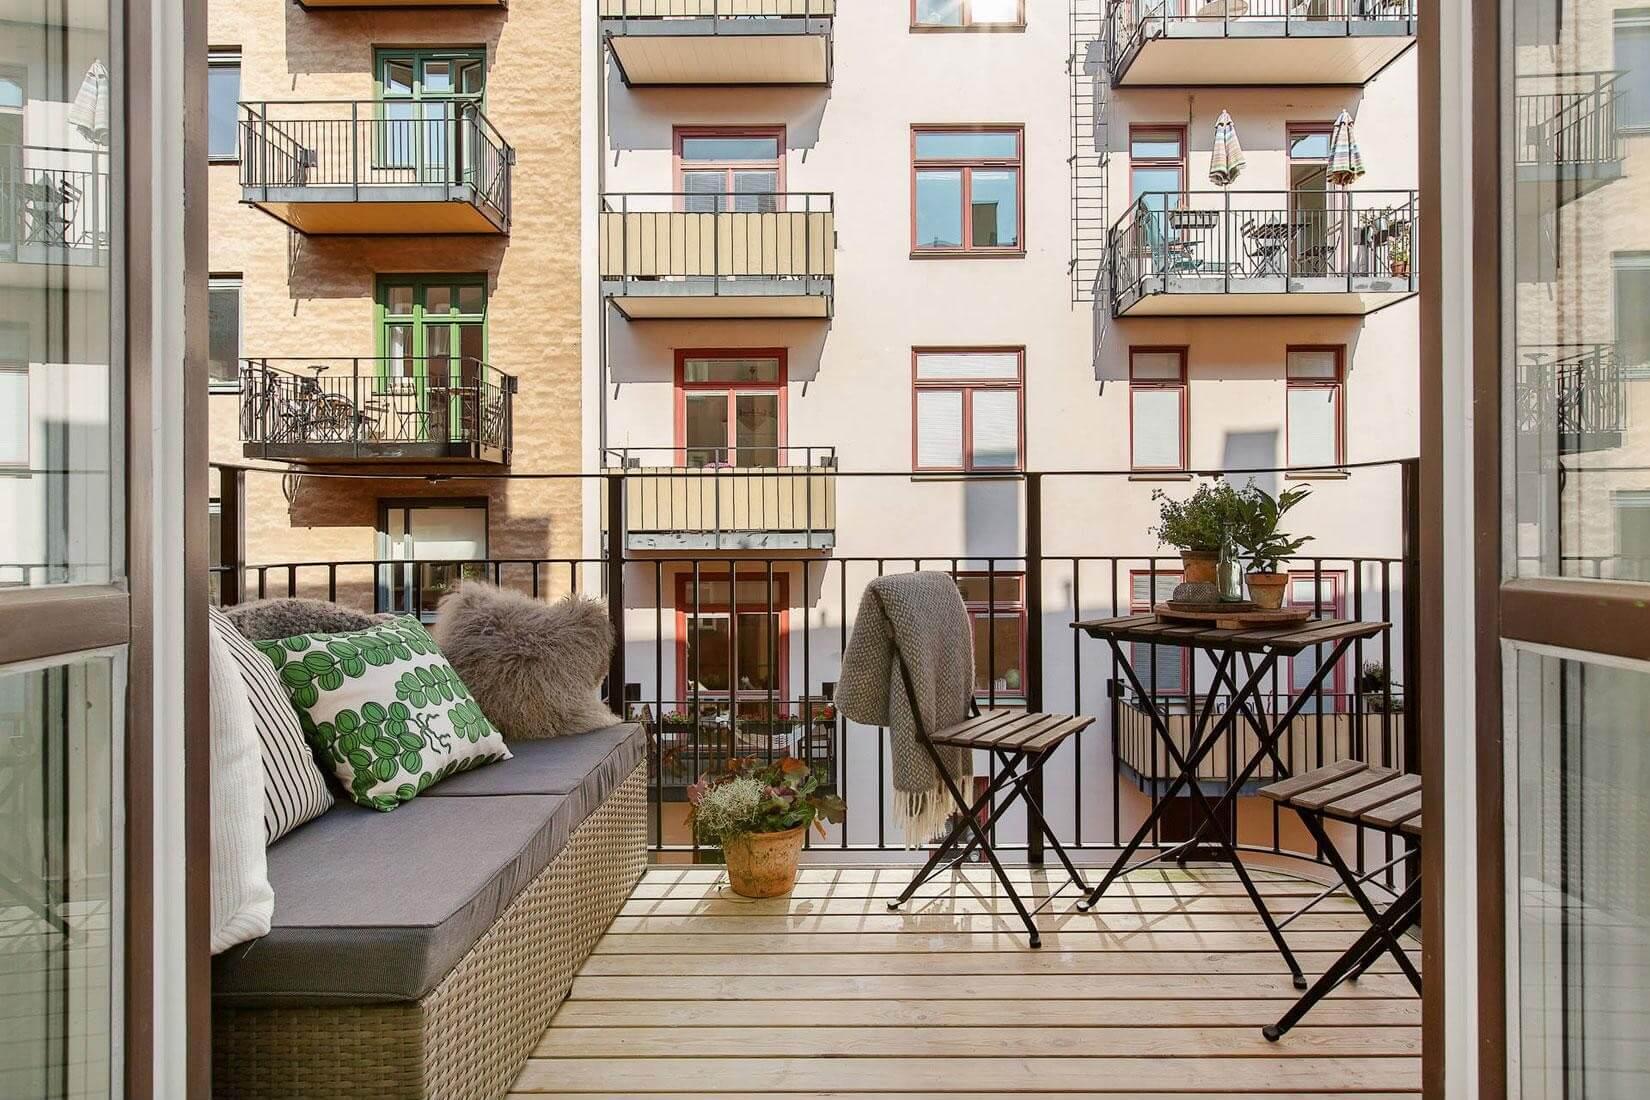 Tisztázta a NAV: erkéllyel együtt is él az áfakedvezmény